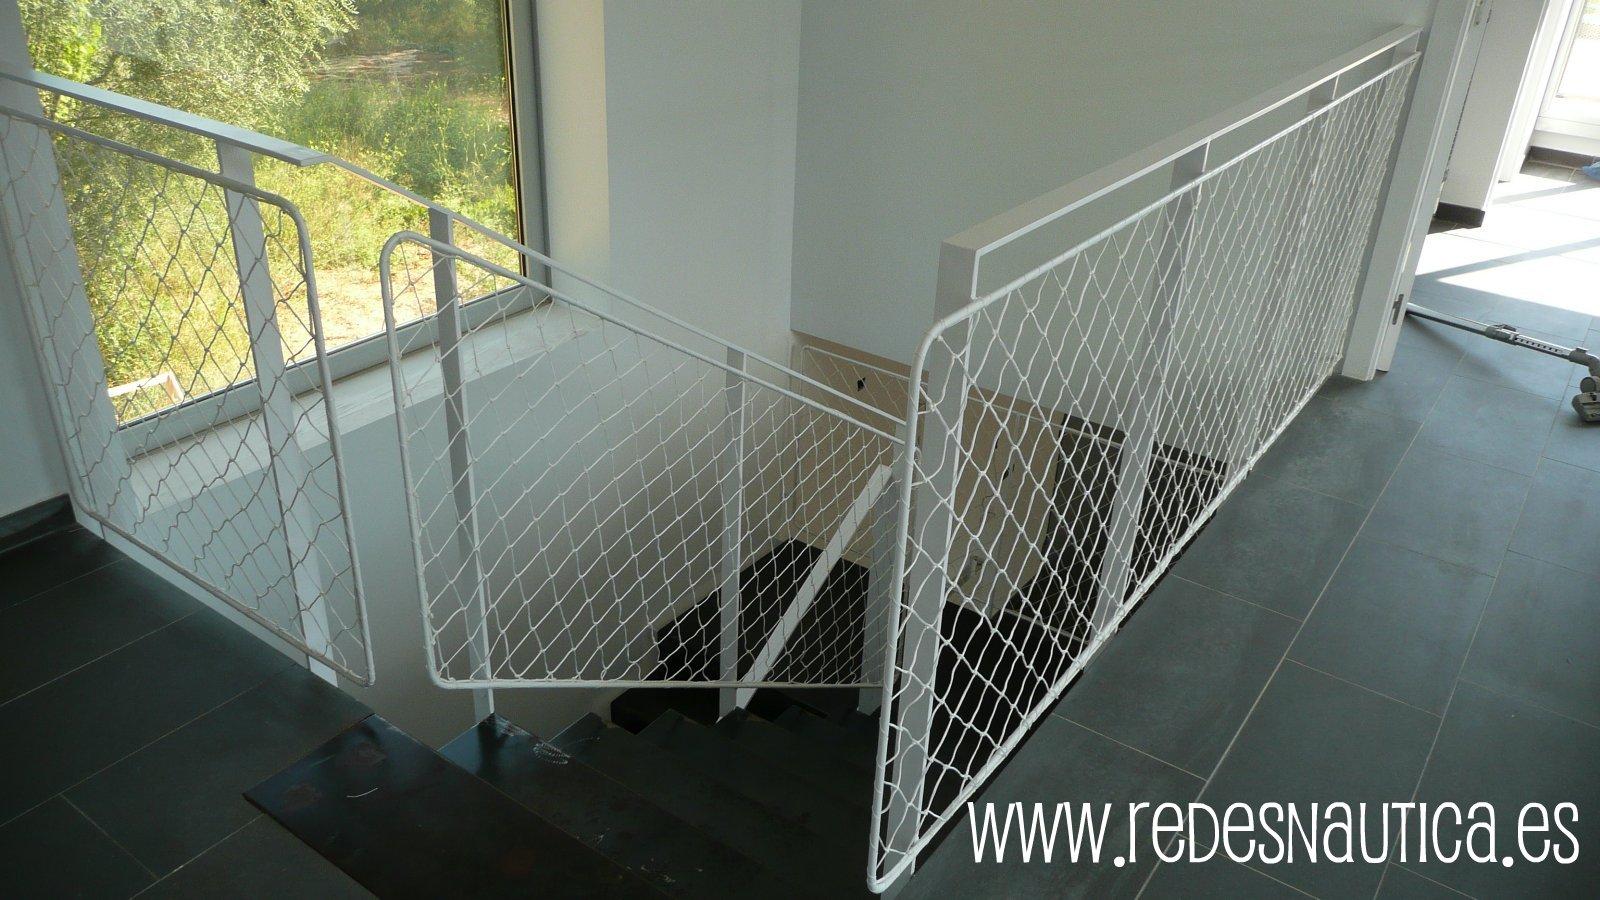 Redes n utica red de protecci n para escaleras - Proteccion escaleras ninos ...